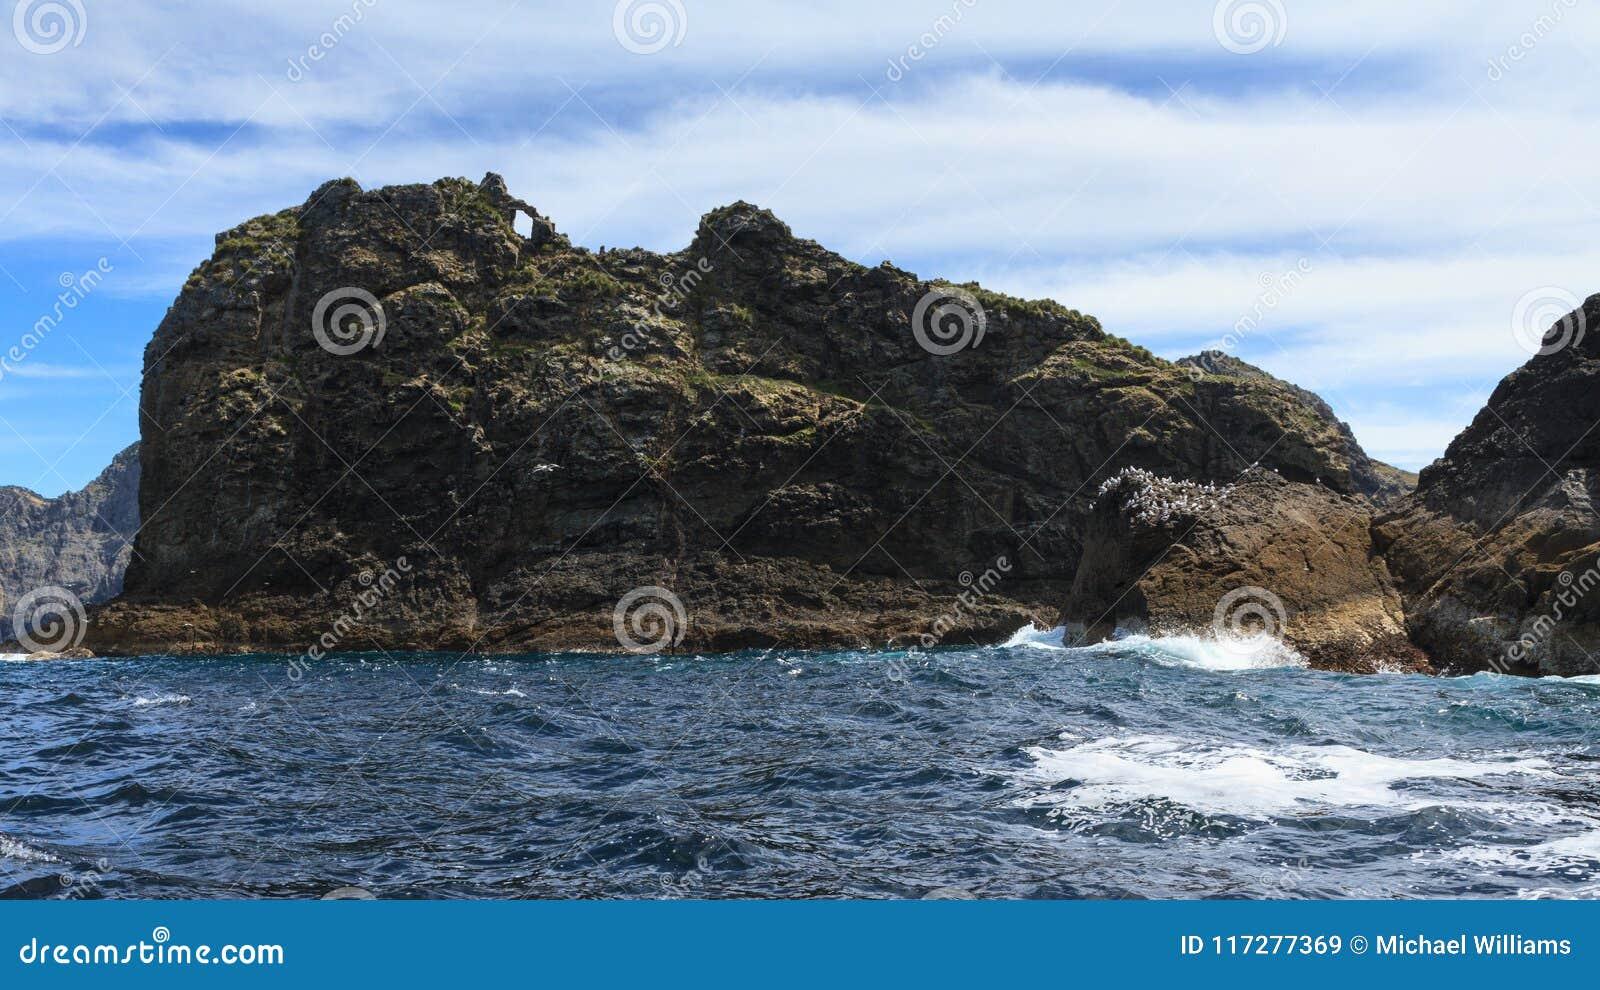 Bay of Islands, New Zealand. Tiny Tiheru Island